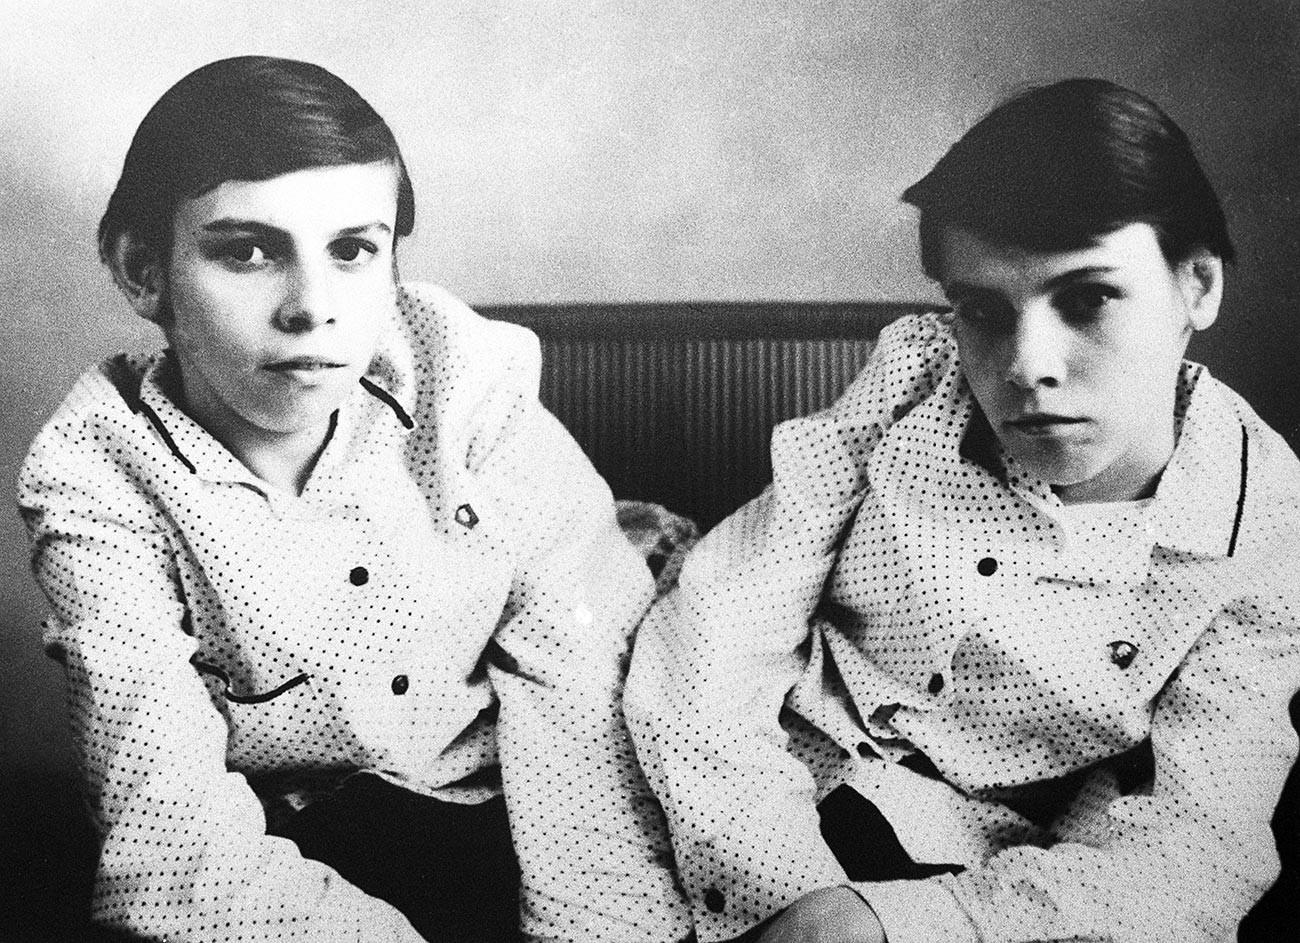 Сијамски близанци Маша и Даша Кривошљапов